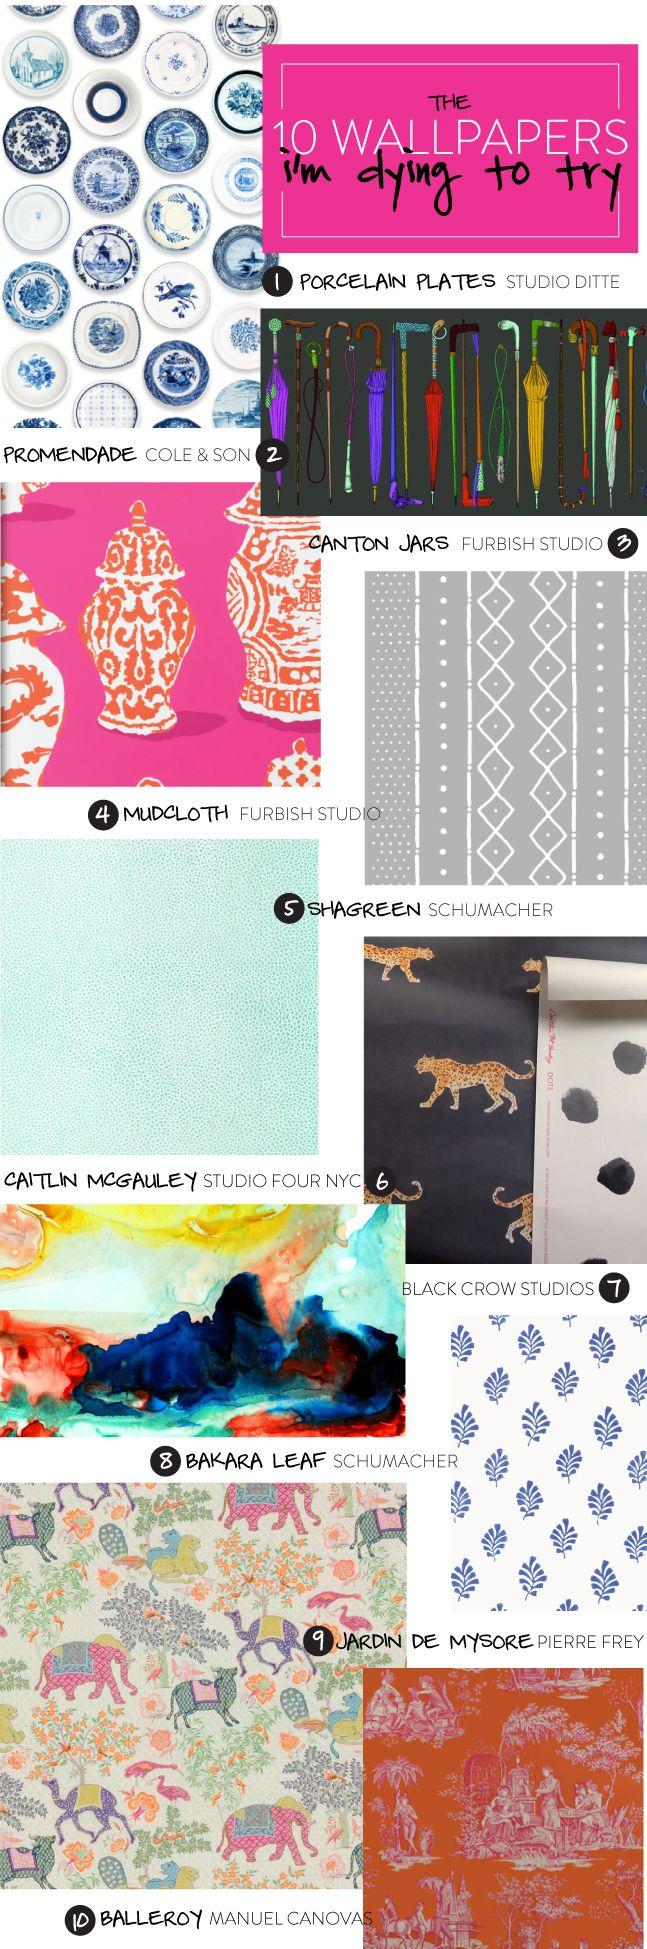 top ten wallpapers